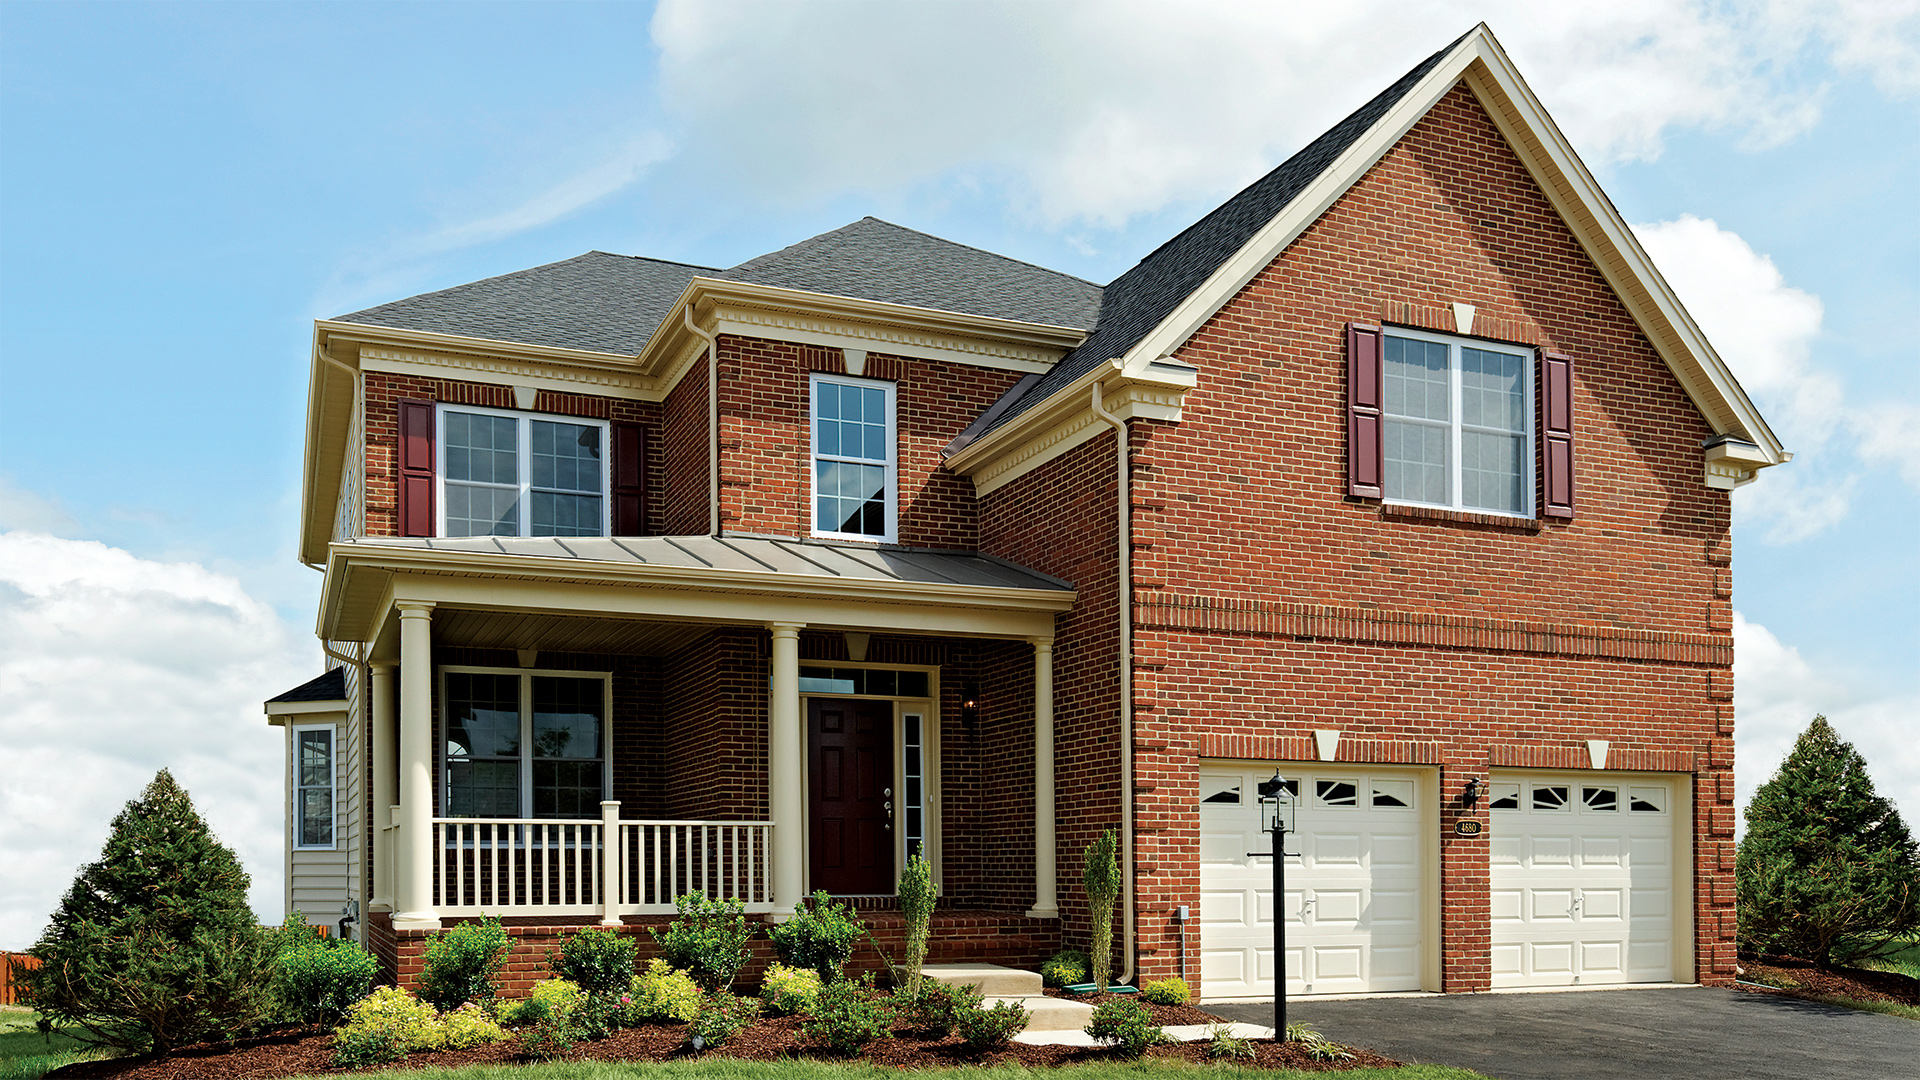 Utah Home Jl Designs